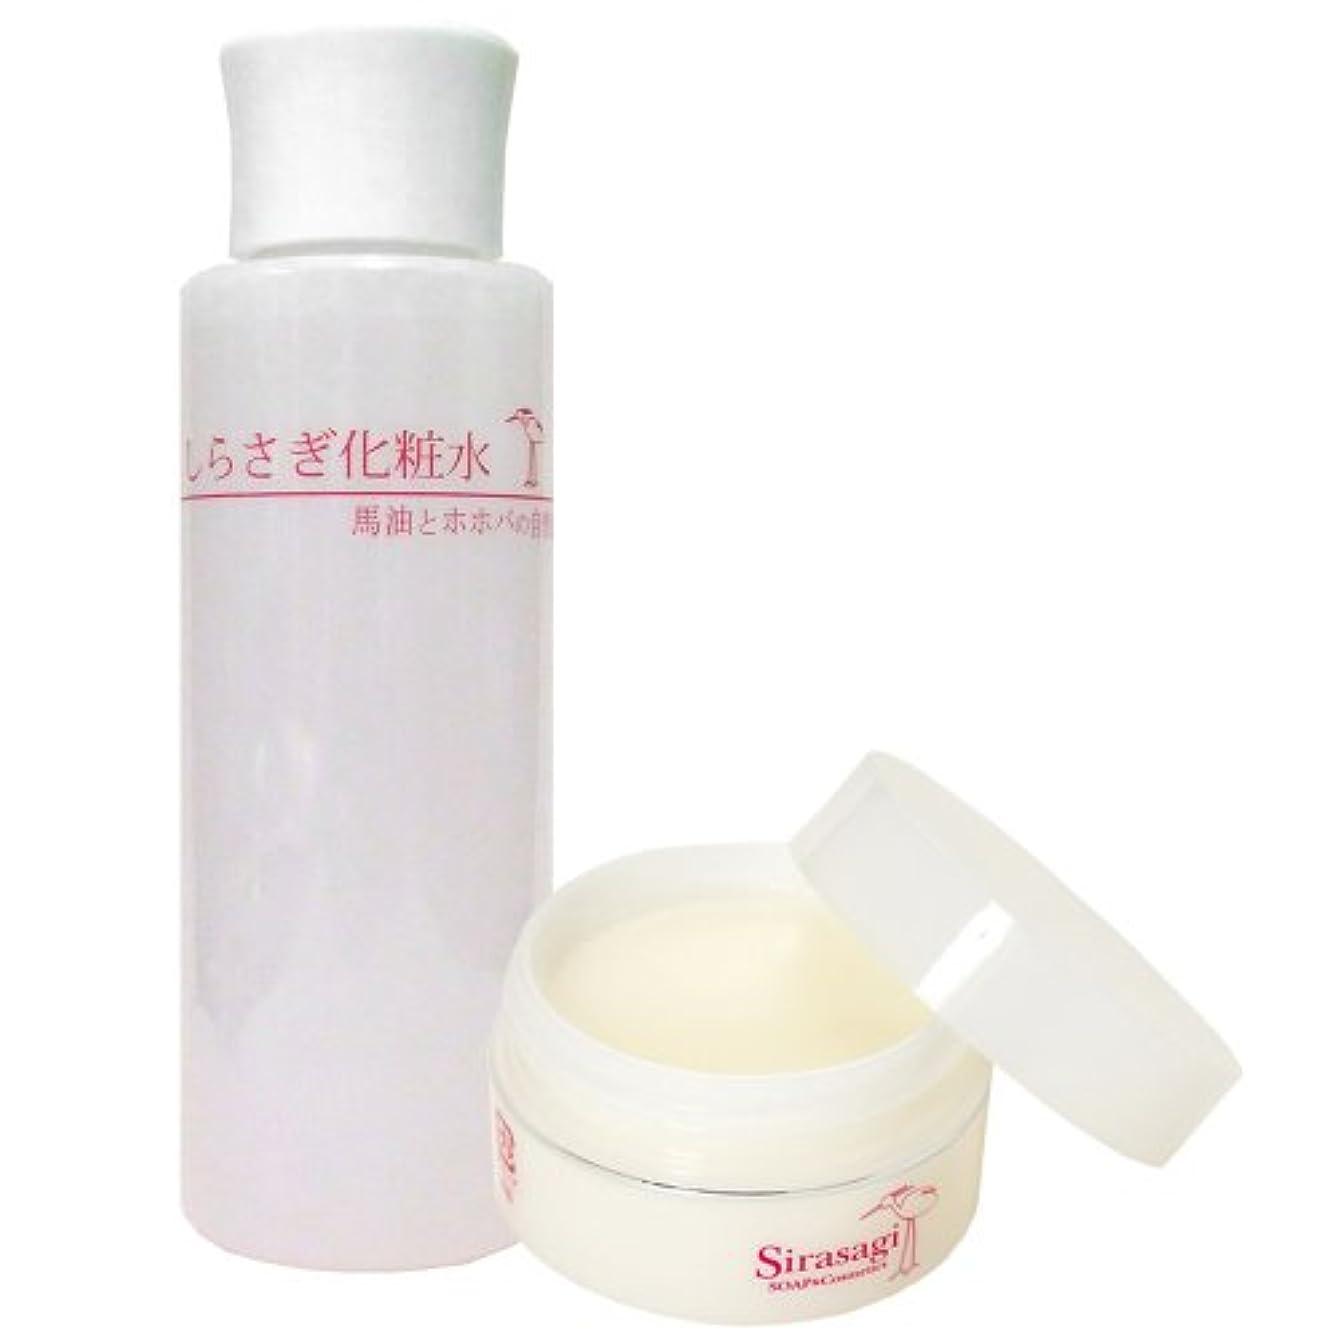 免除精巧な手綱しらさぎクリーム(無香料)と新しらさぎ化粧水のセット